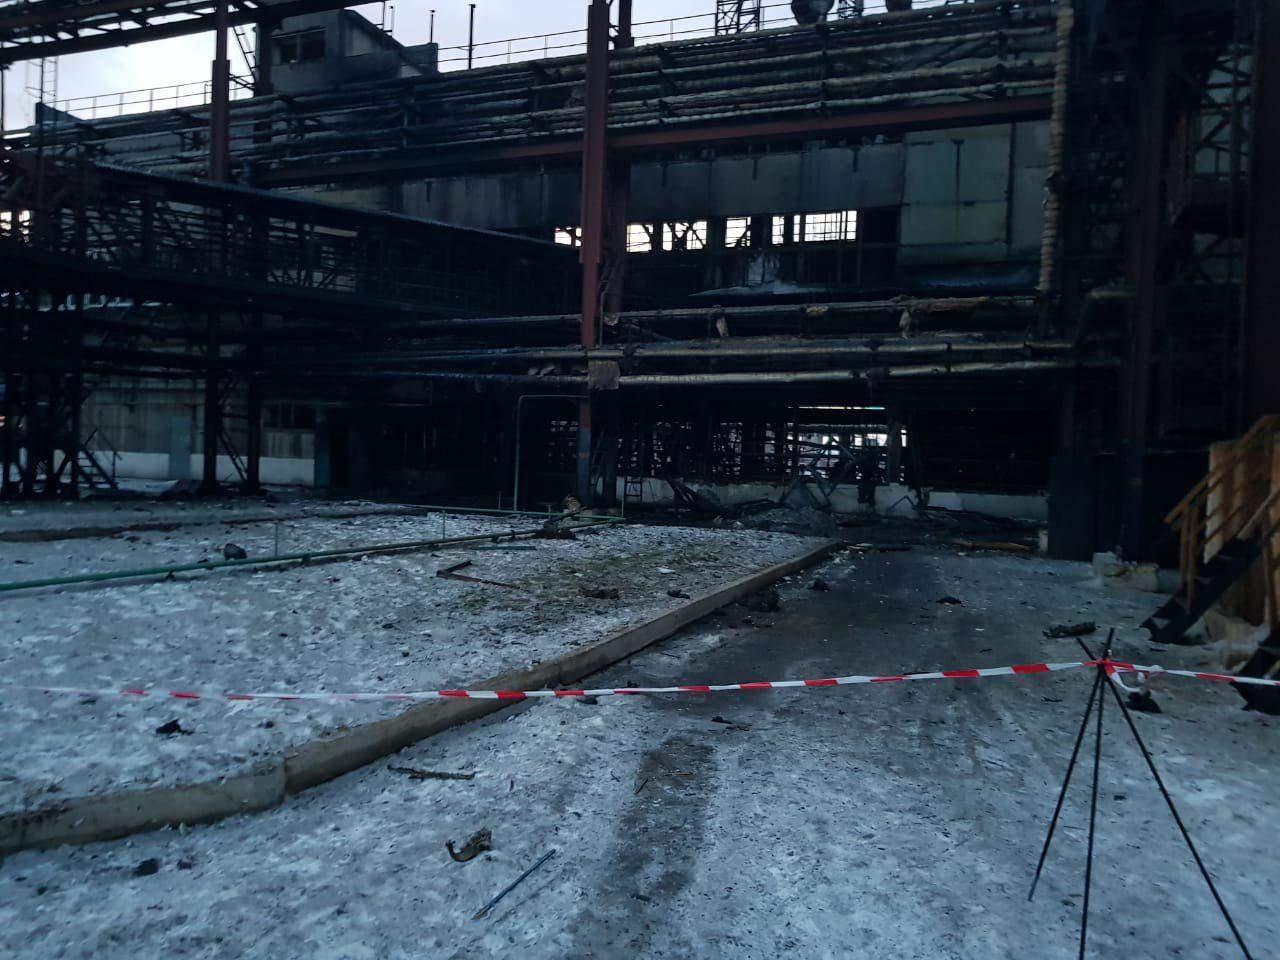 Ночью в Днепре прогремел взрыв на территории коксохимического завода: 5 пострадавших (фото)